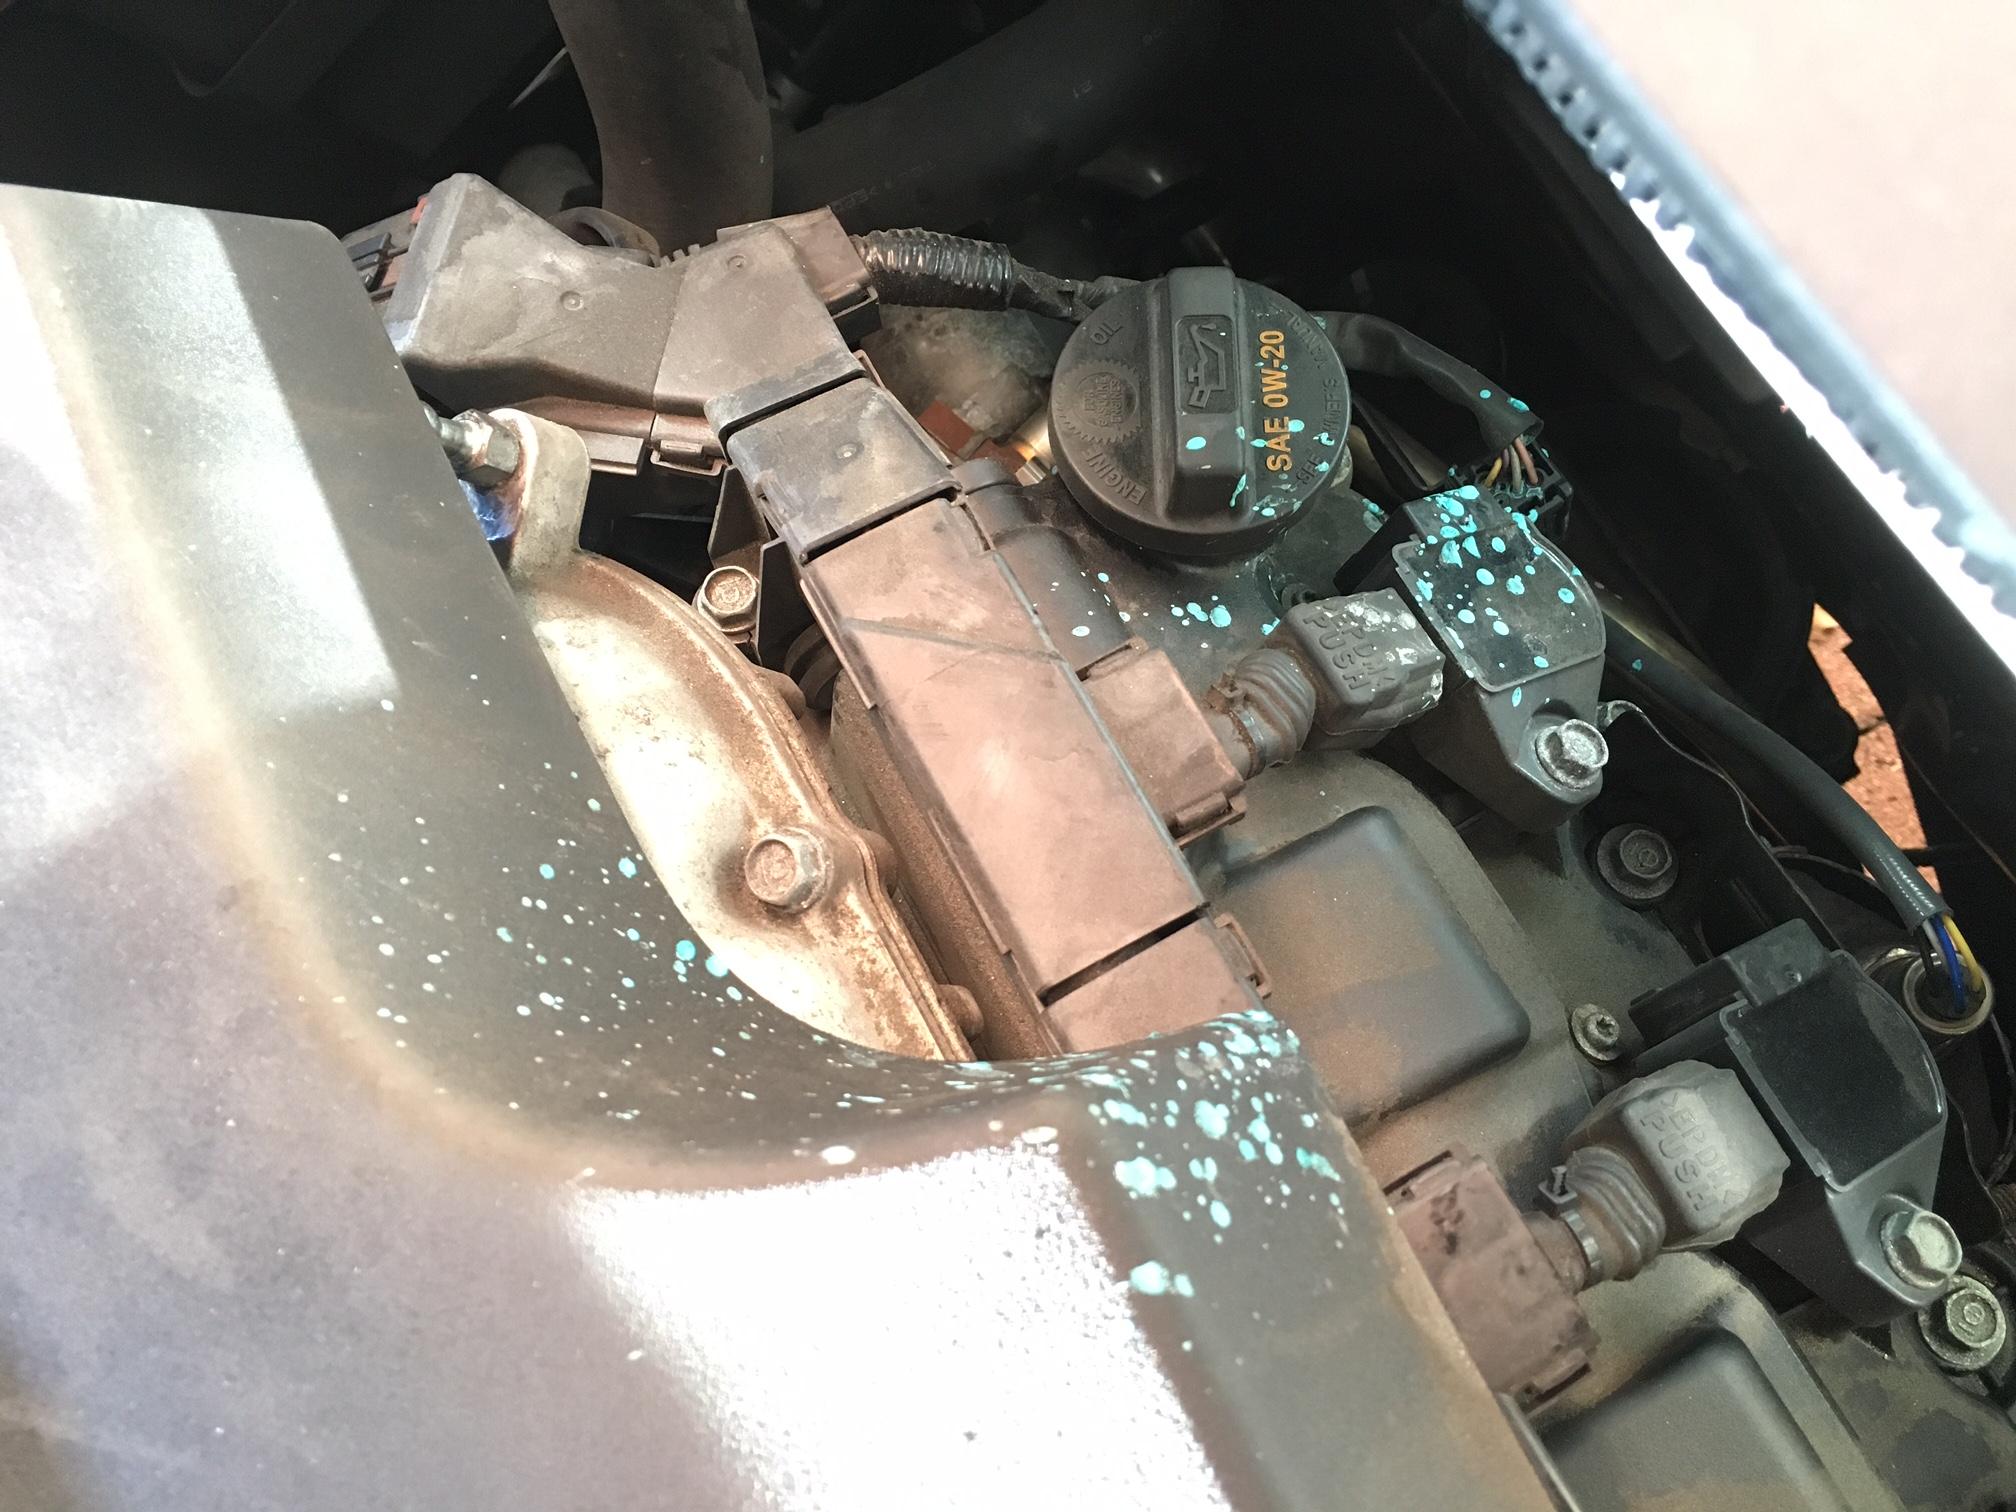 2015 MDX SH-AWD - Antifreeze / Coolant Leak - Here we go again .